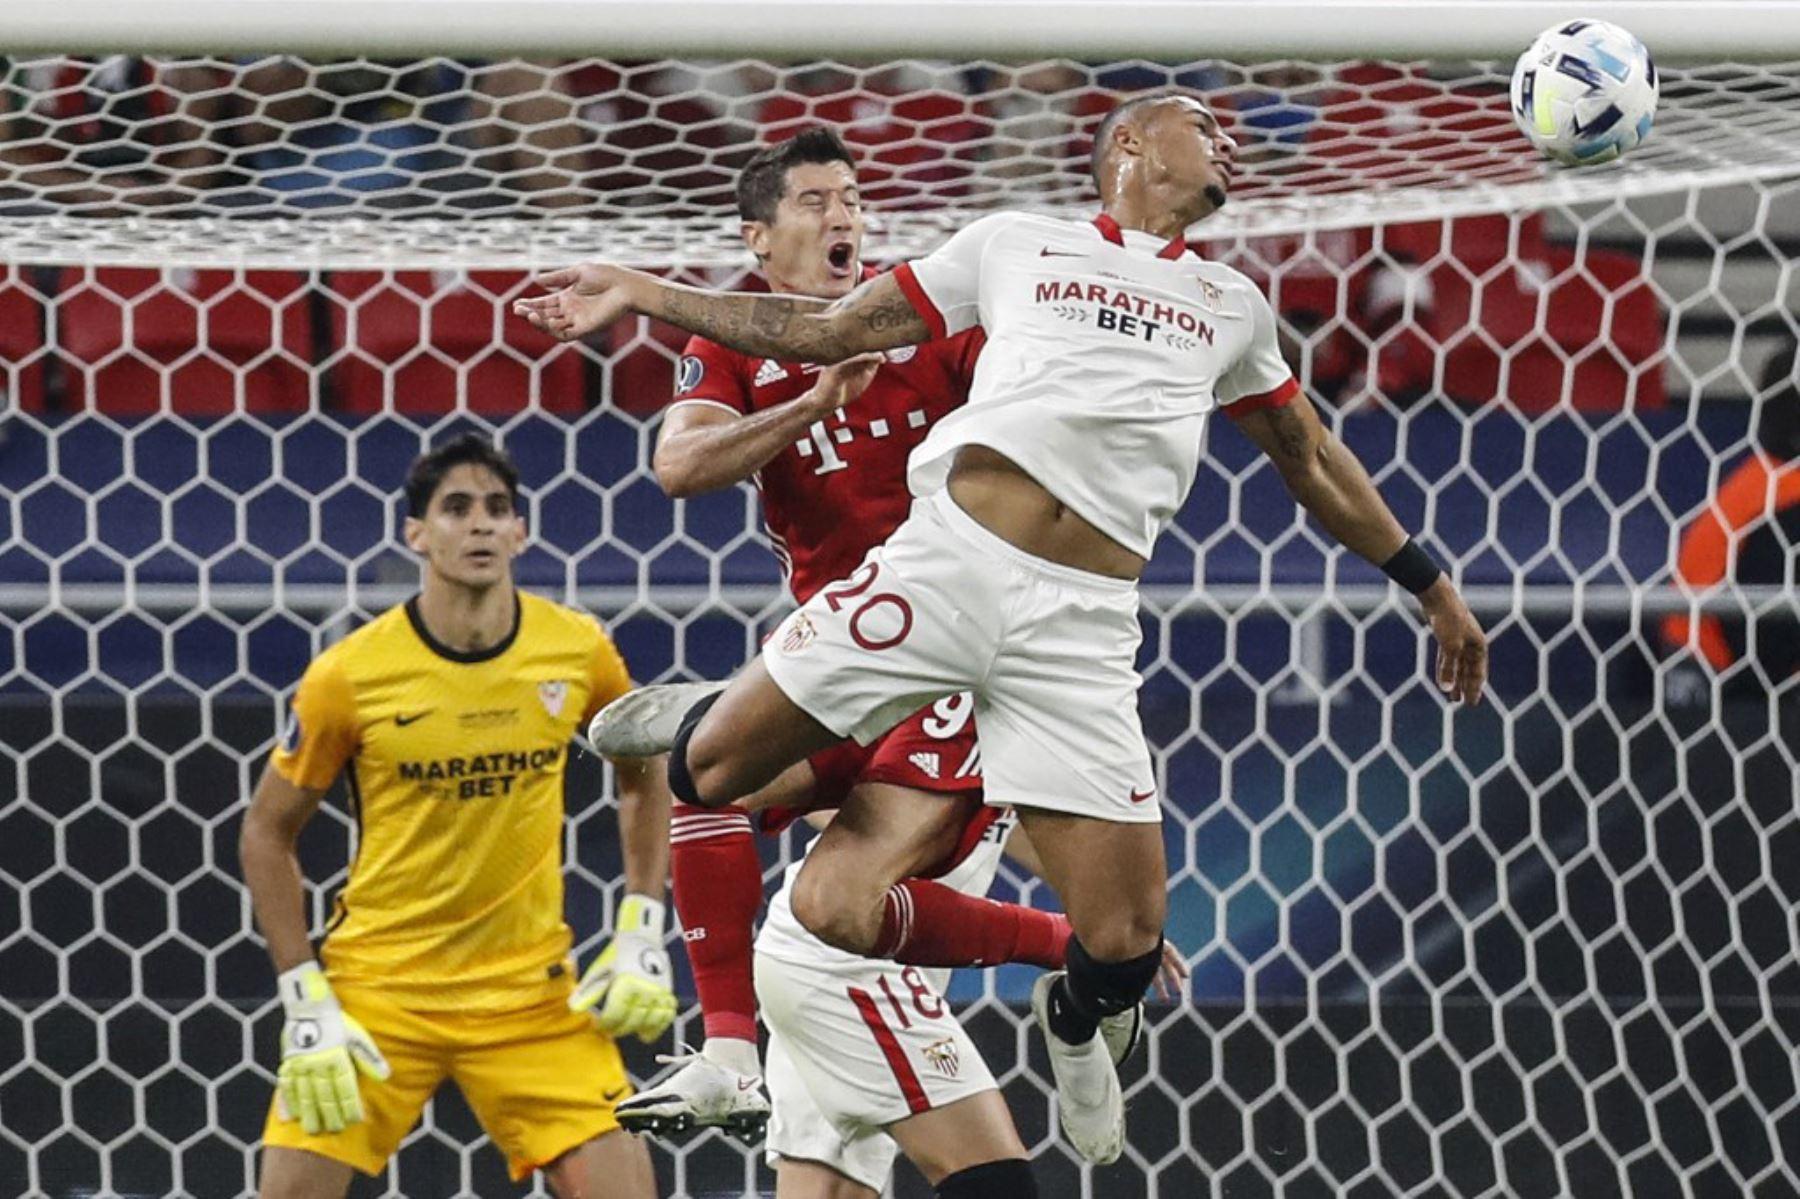 El defensor brasileño del Sevilla Diego Carlos  y el delantero polaco del Bayern Munich, Robert Lewandowski, compiten por el balón durante el partido de fútbol de la Supercopa de la UEFA entre el FC Bayern Munich y el Sevilla FC en el Puskas Arena en Budapest, Hungría. Foto: AFP